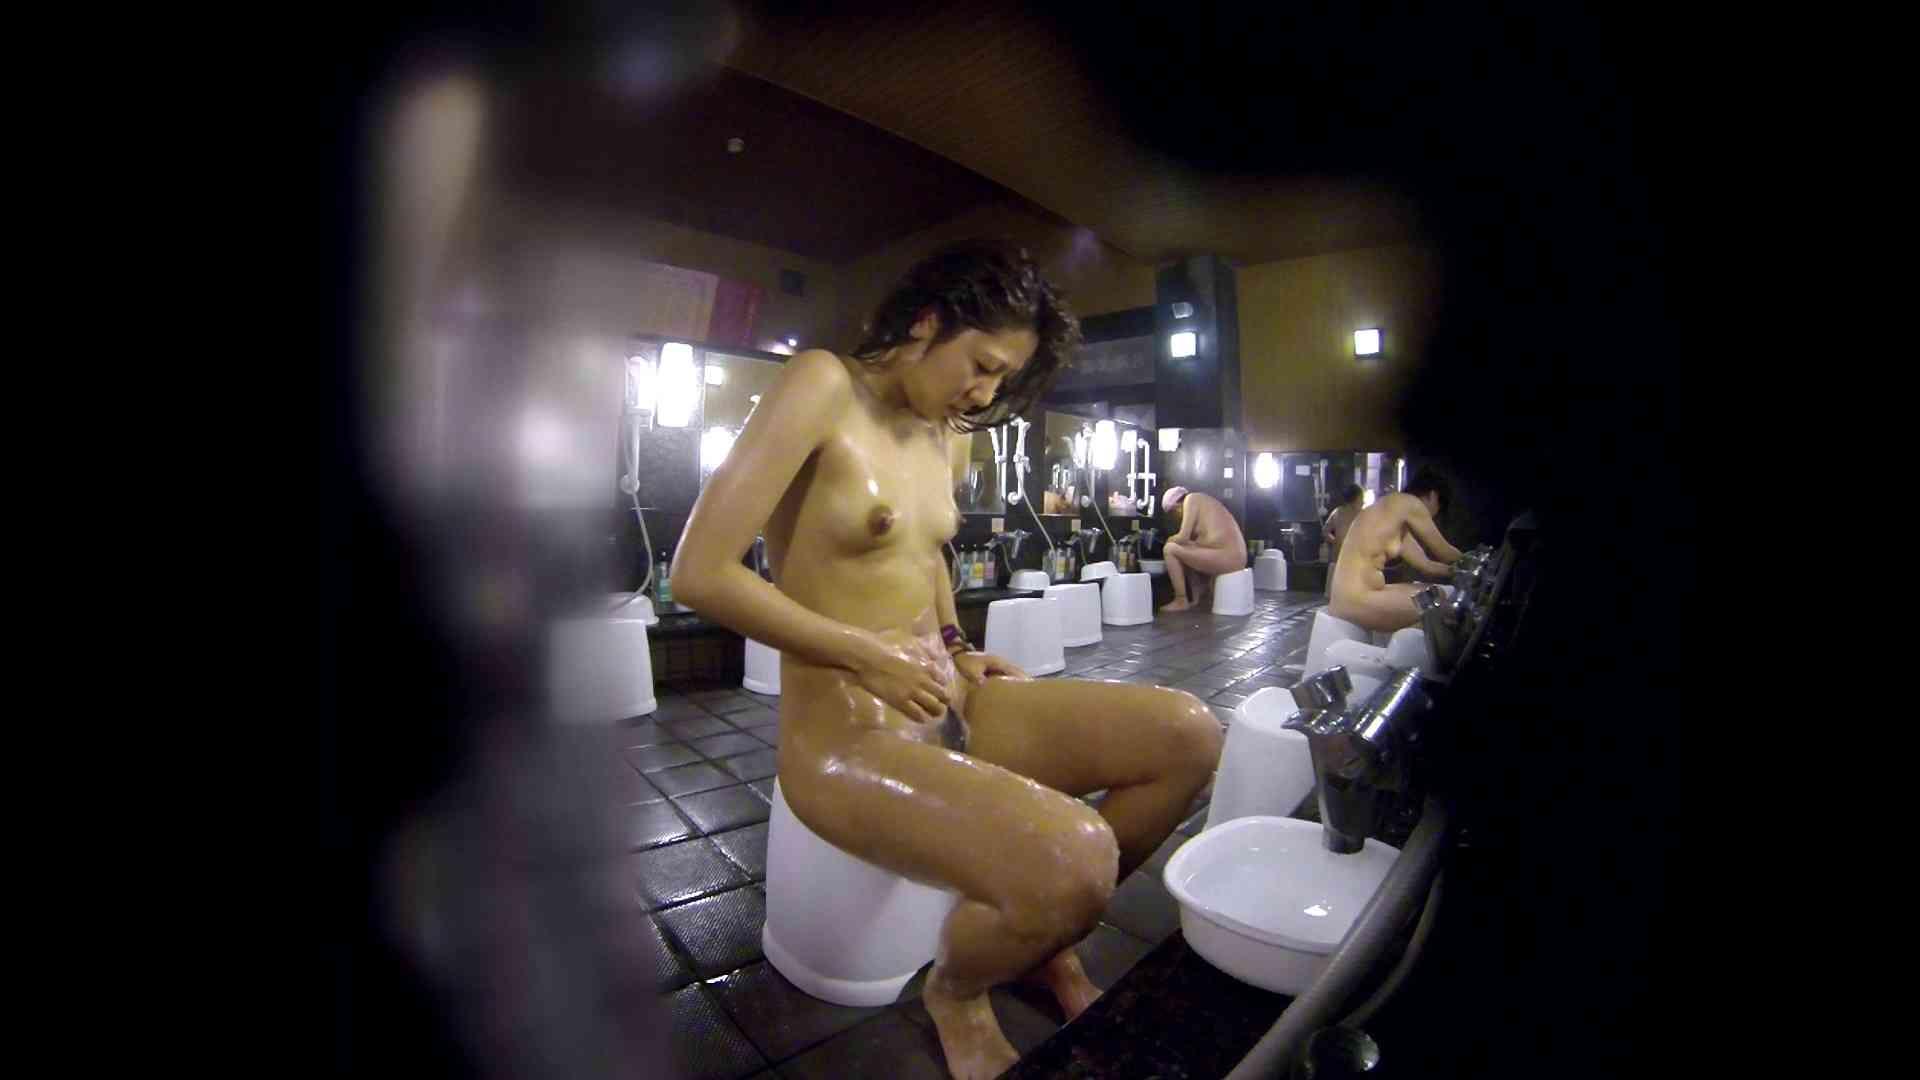 洗い場!綺麗に整えられた陰毛に嫉妬します。 美乳 SEX無修正画像 63画像 34